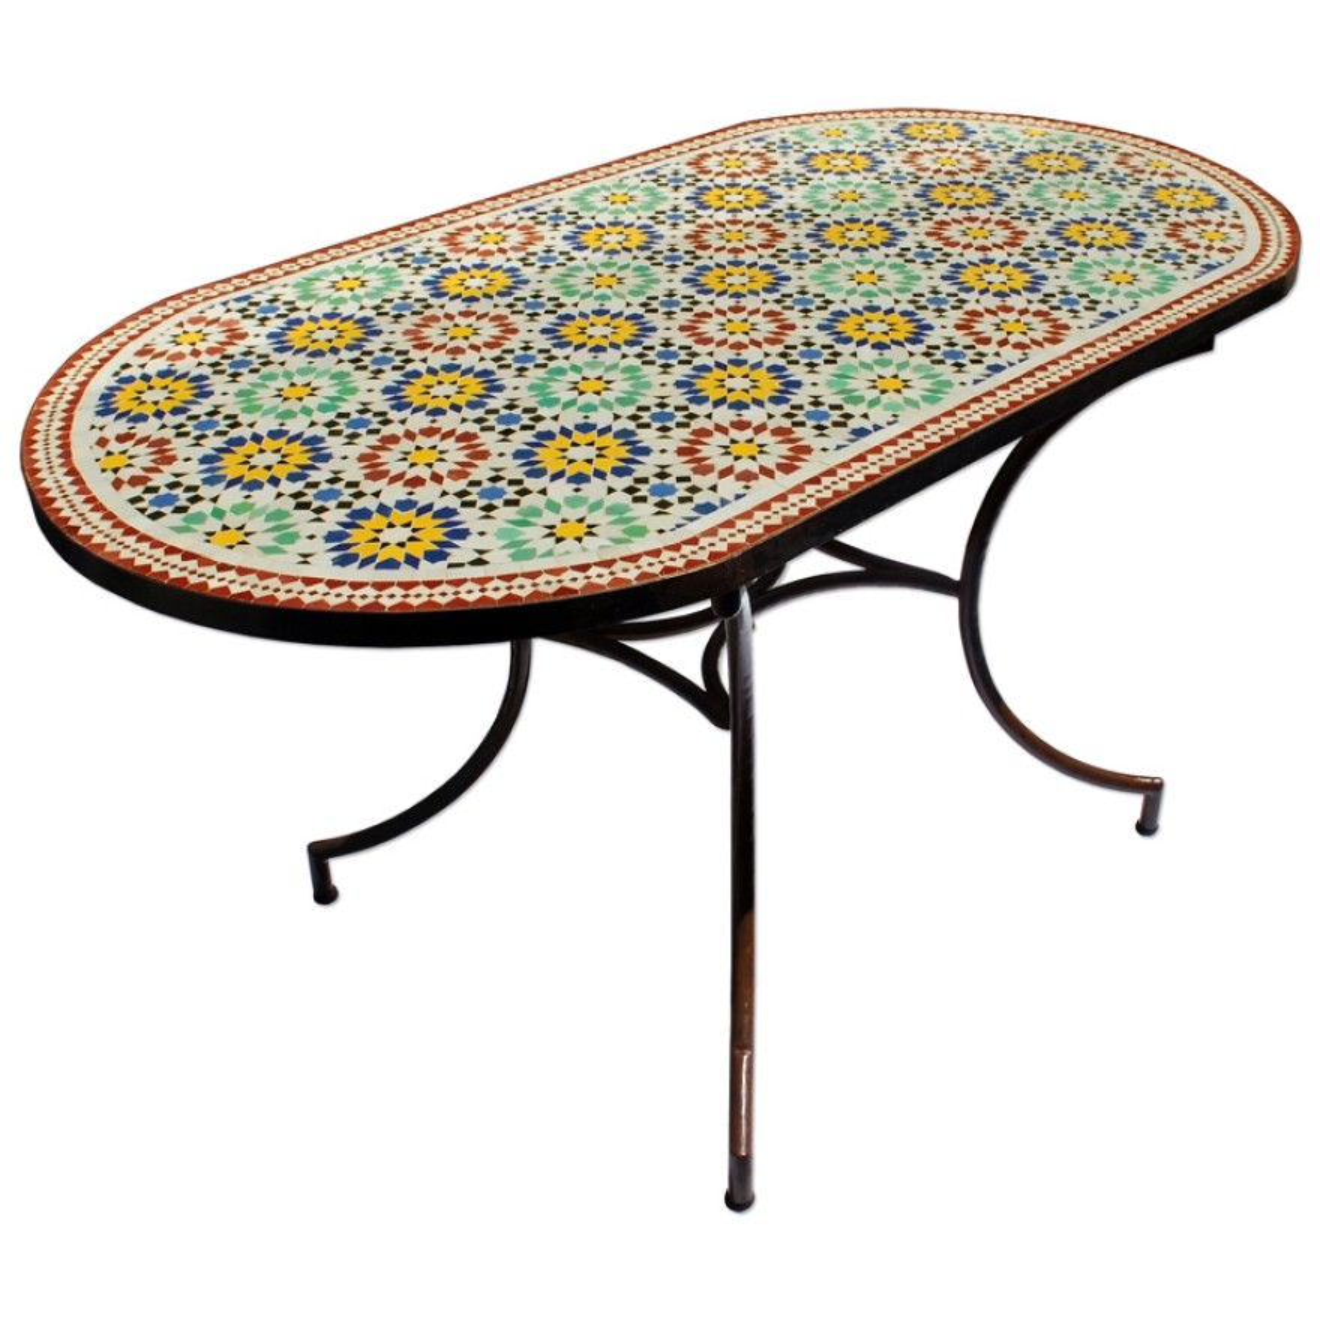 gartentisch aus marokko. Black Bedroom Furniture Sets. Home Design Ideas